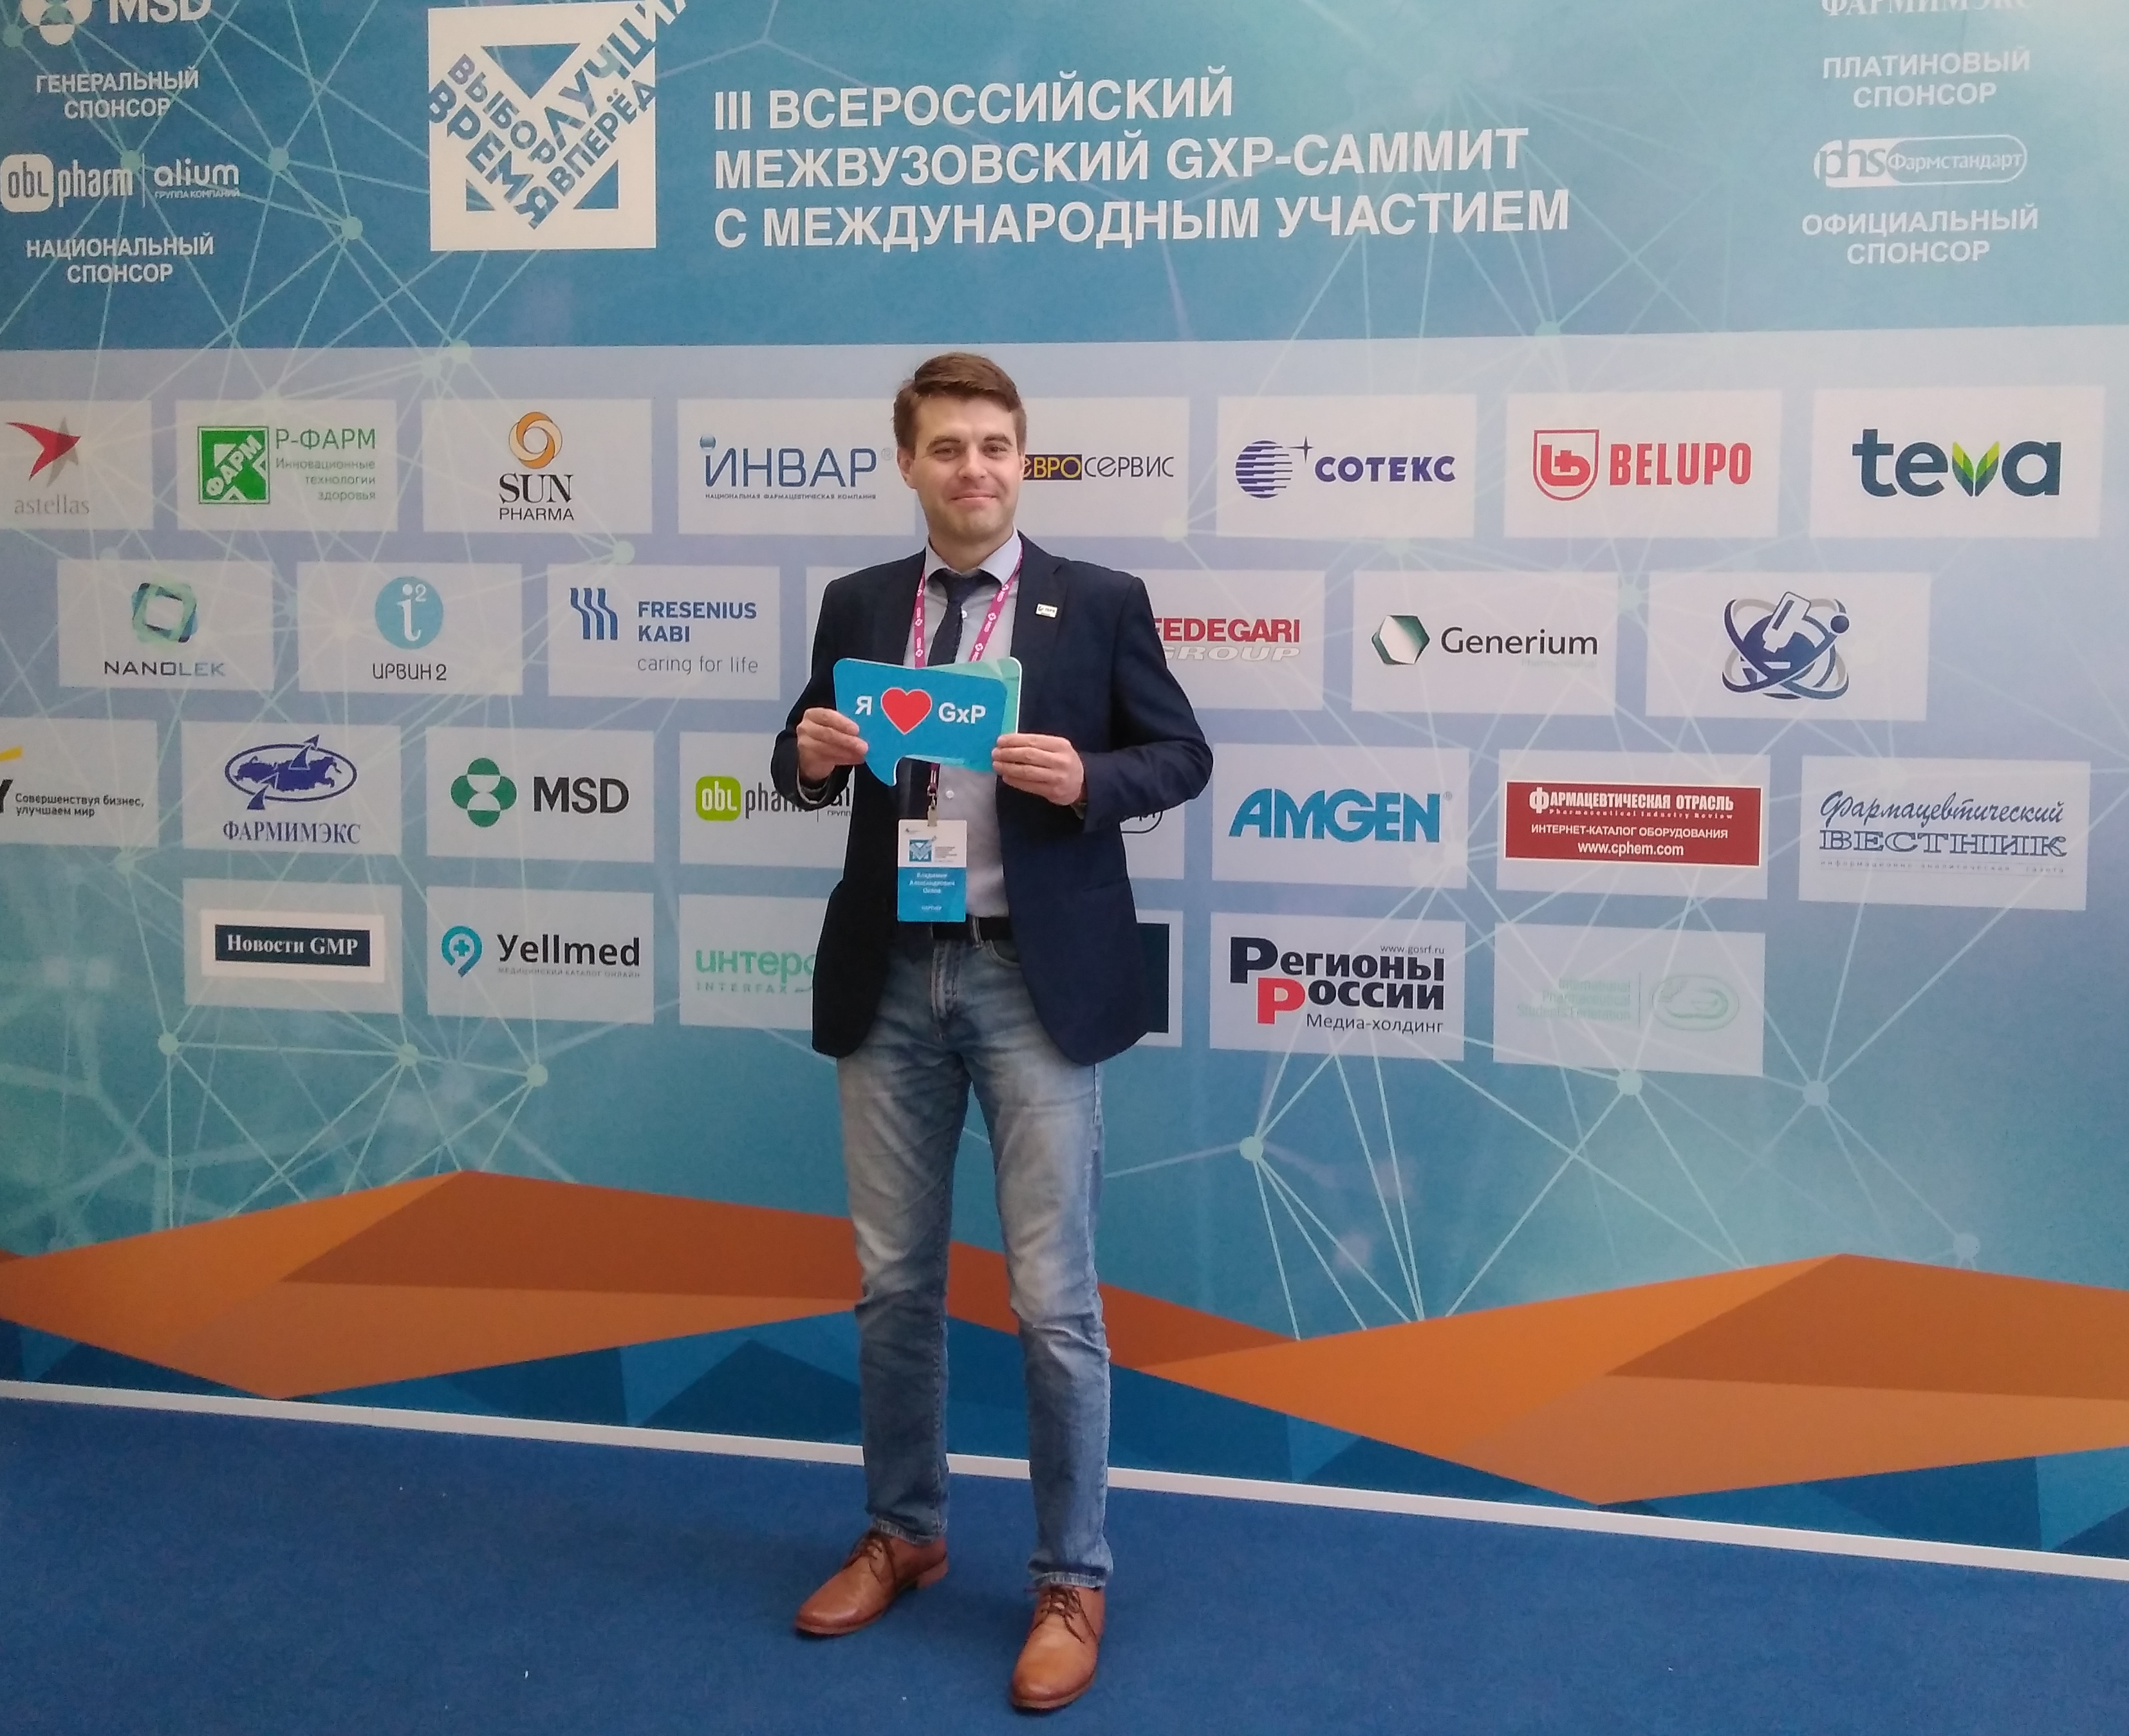 Участие МАФИ ЕАЭС в III Всероссийском межвузовском GxP-саммите в Ярославле